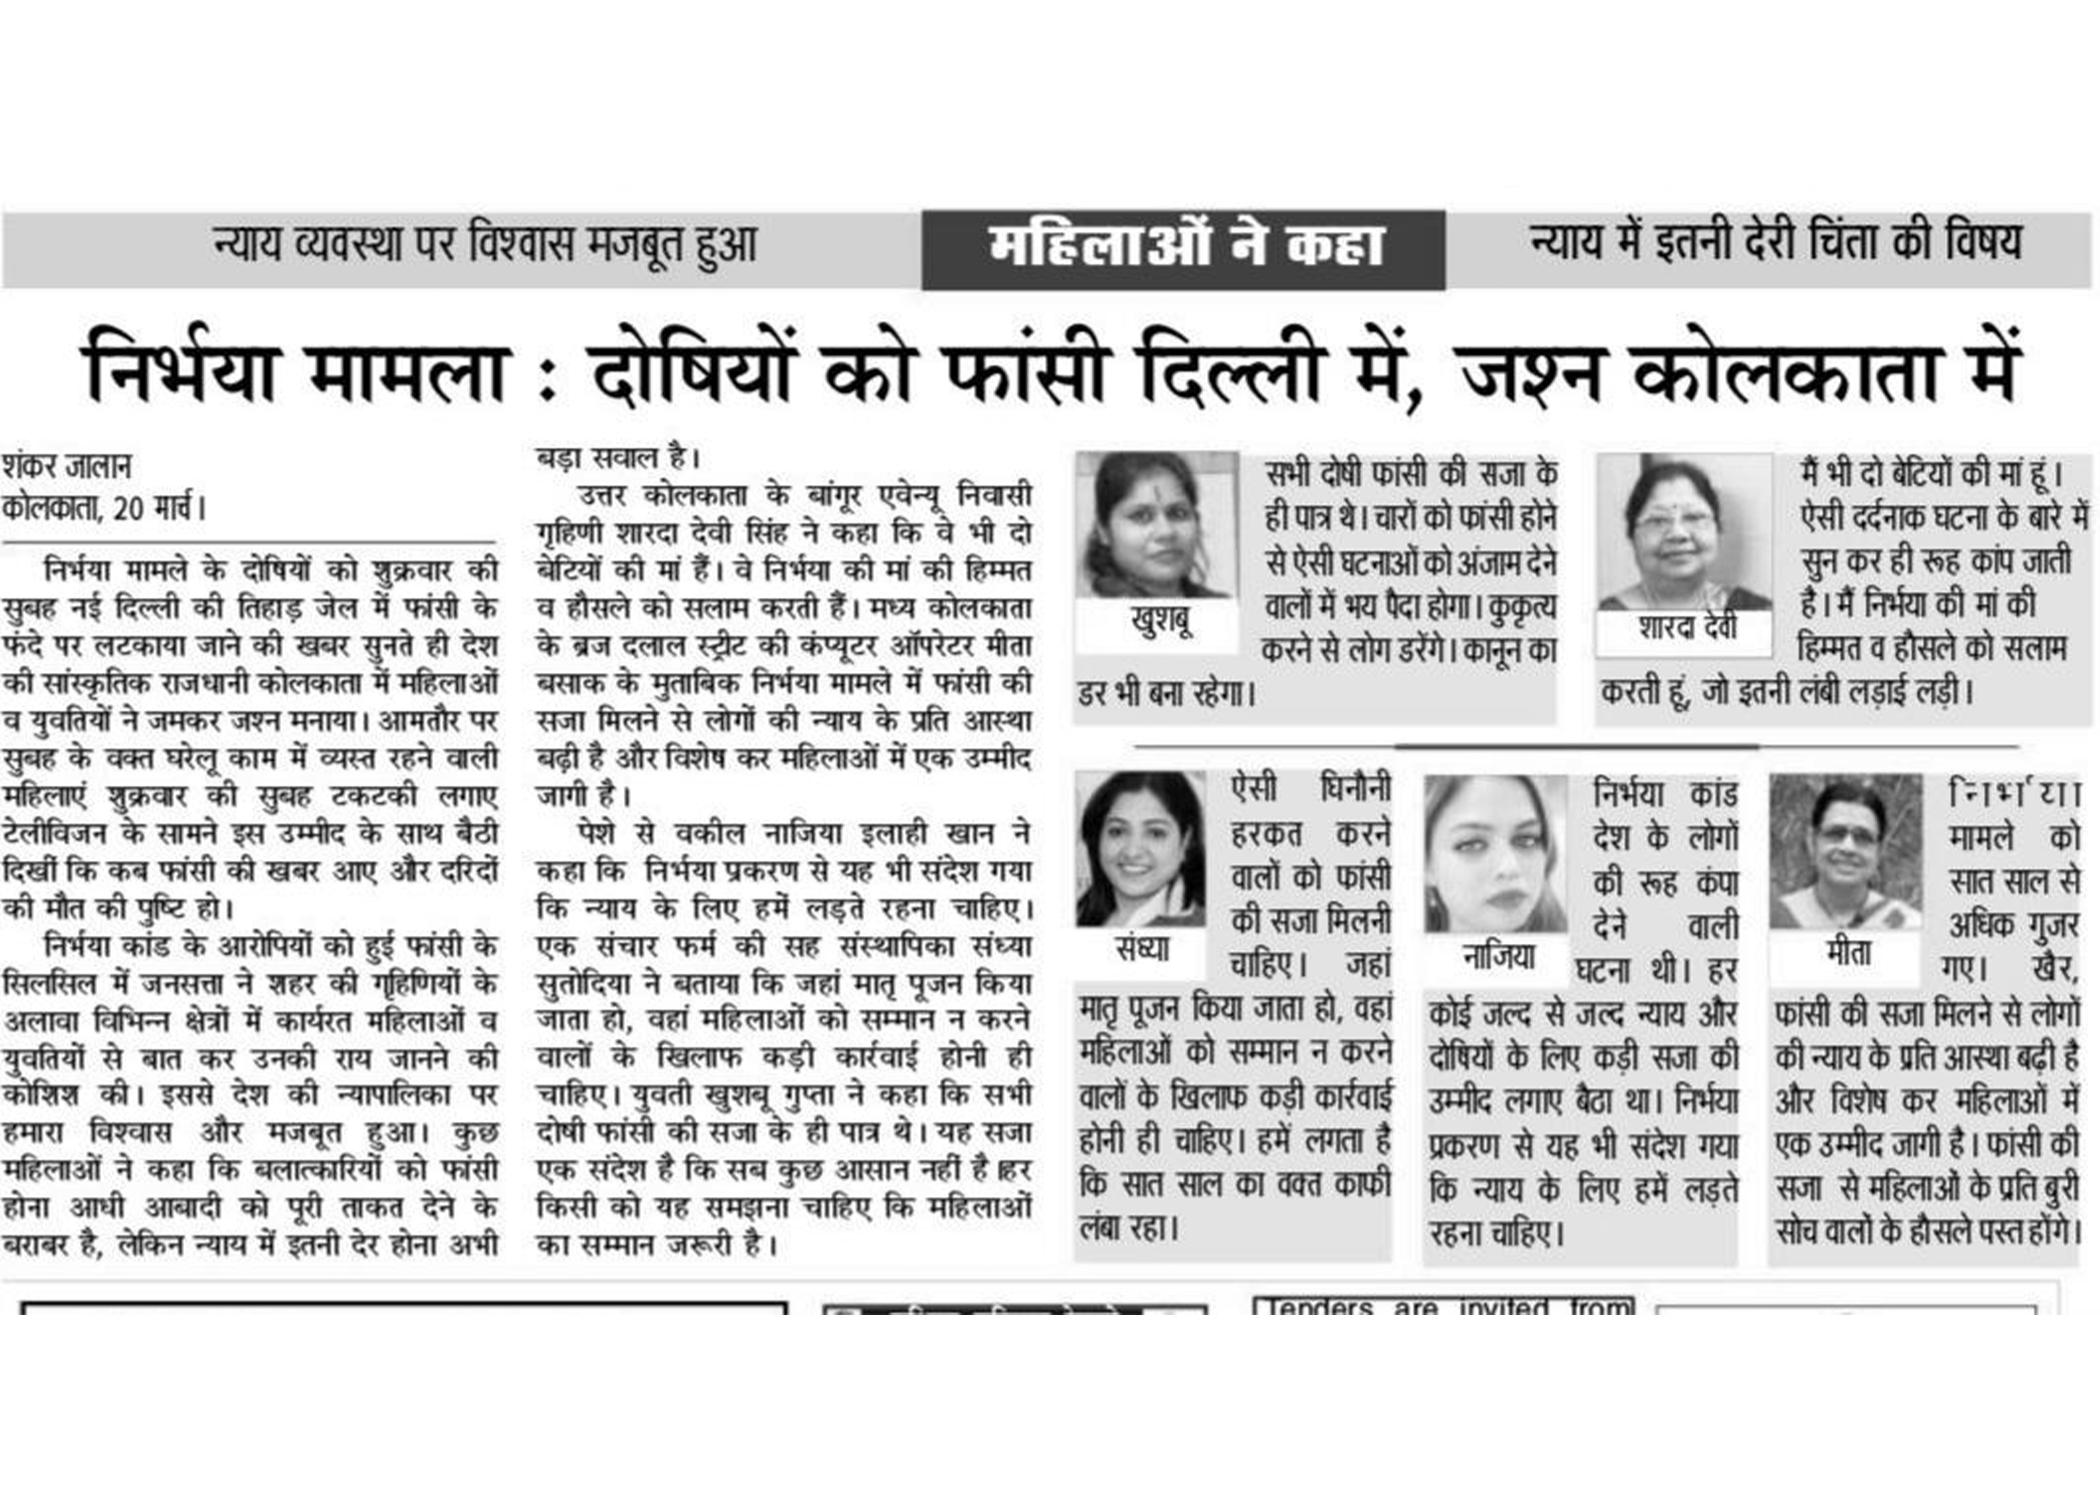 Turiya Communications on Nirvaya Case